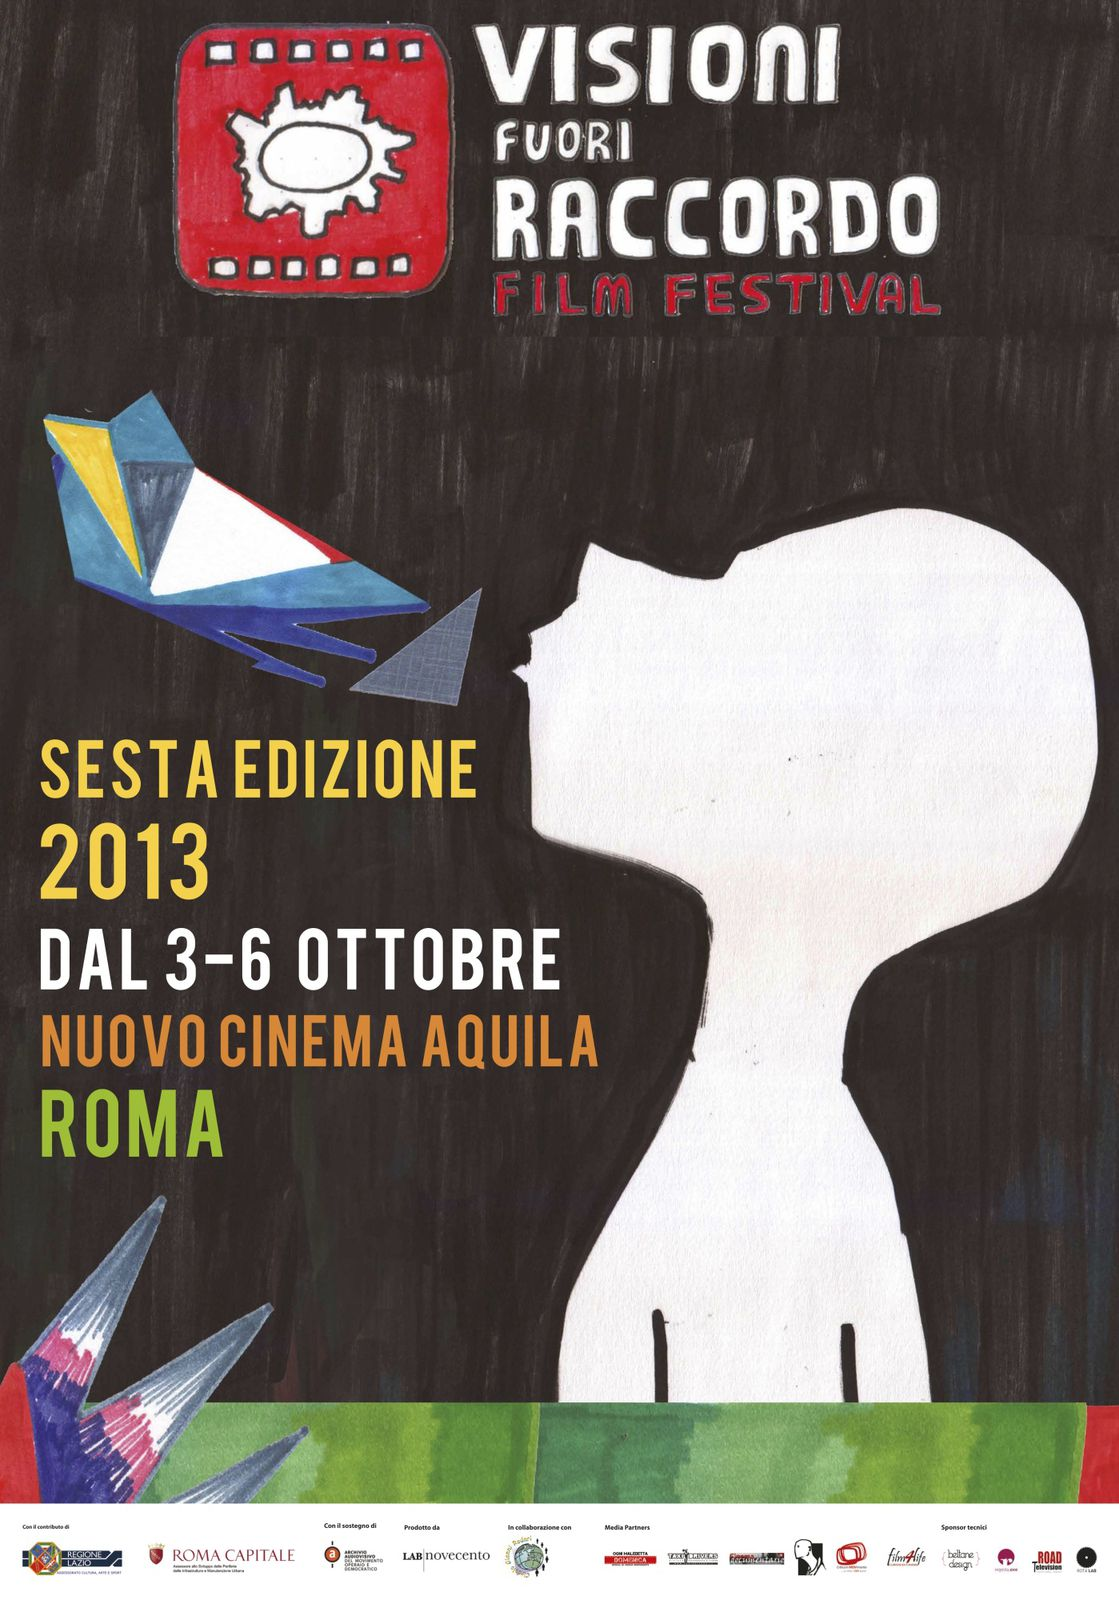 Visioni FuoriRaccordo Film Festival: dal 3 al 6 ottobre